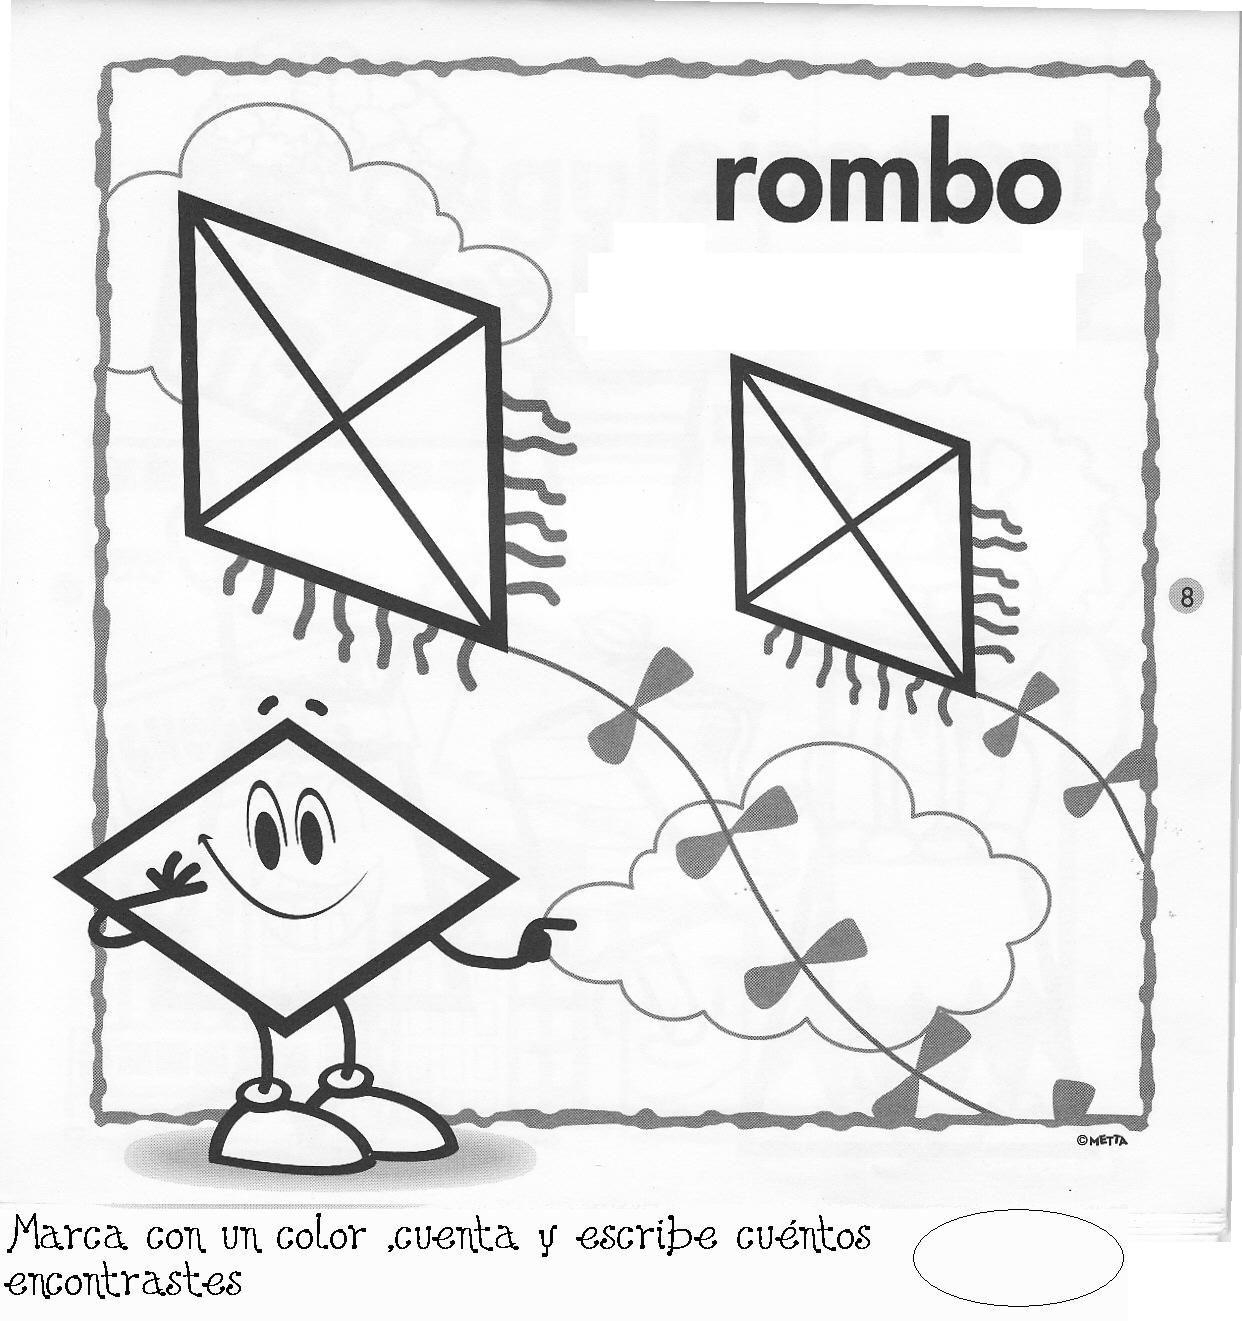 Fichas para pintar fichas figuras geometricas fichas de - Maneras de pintar ...